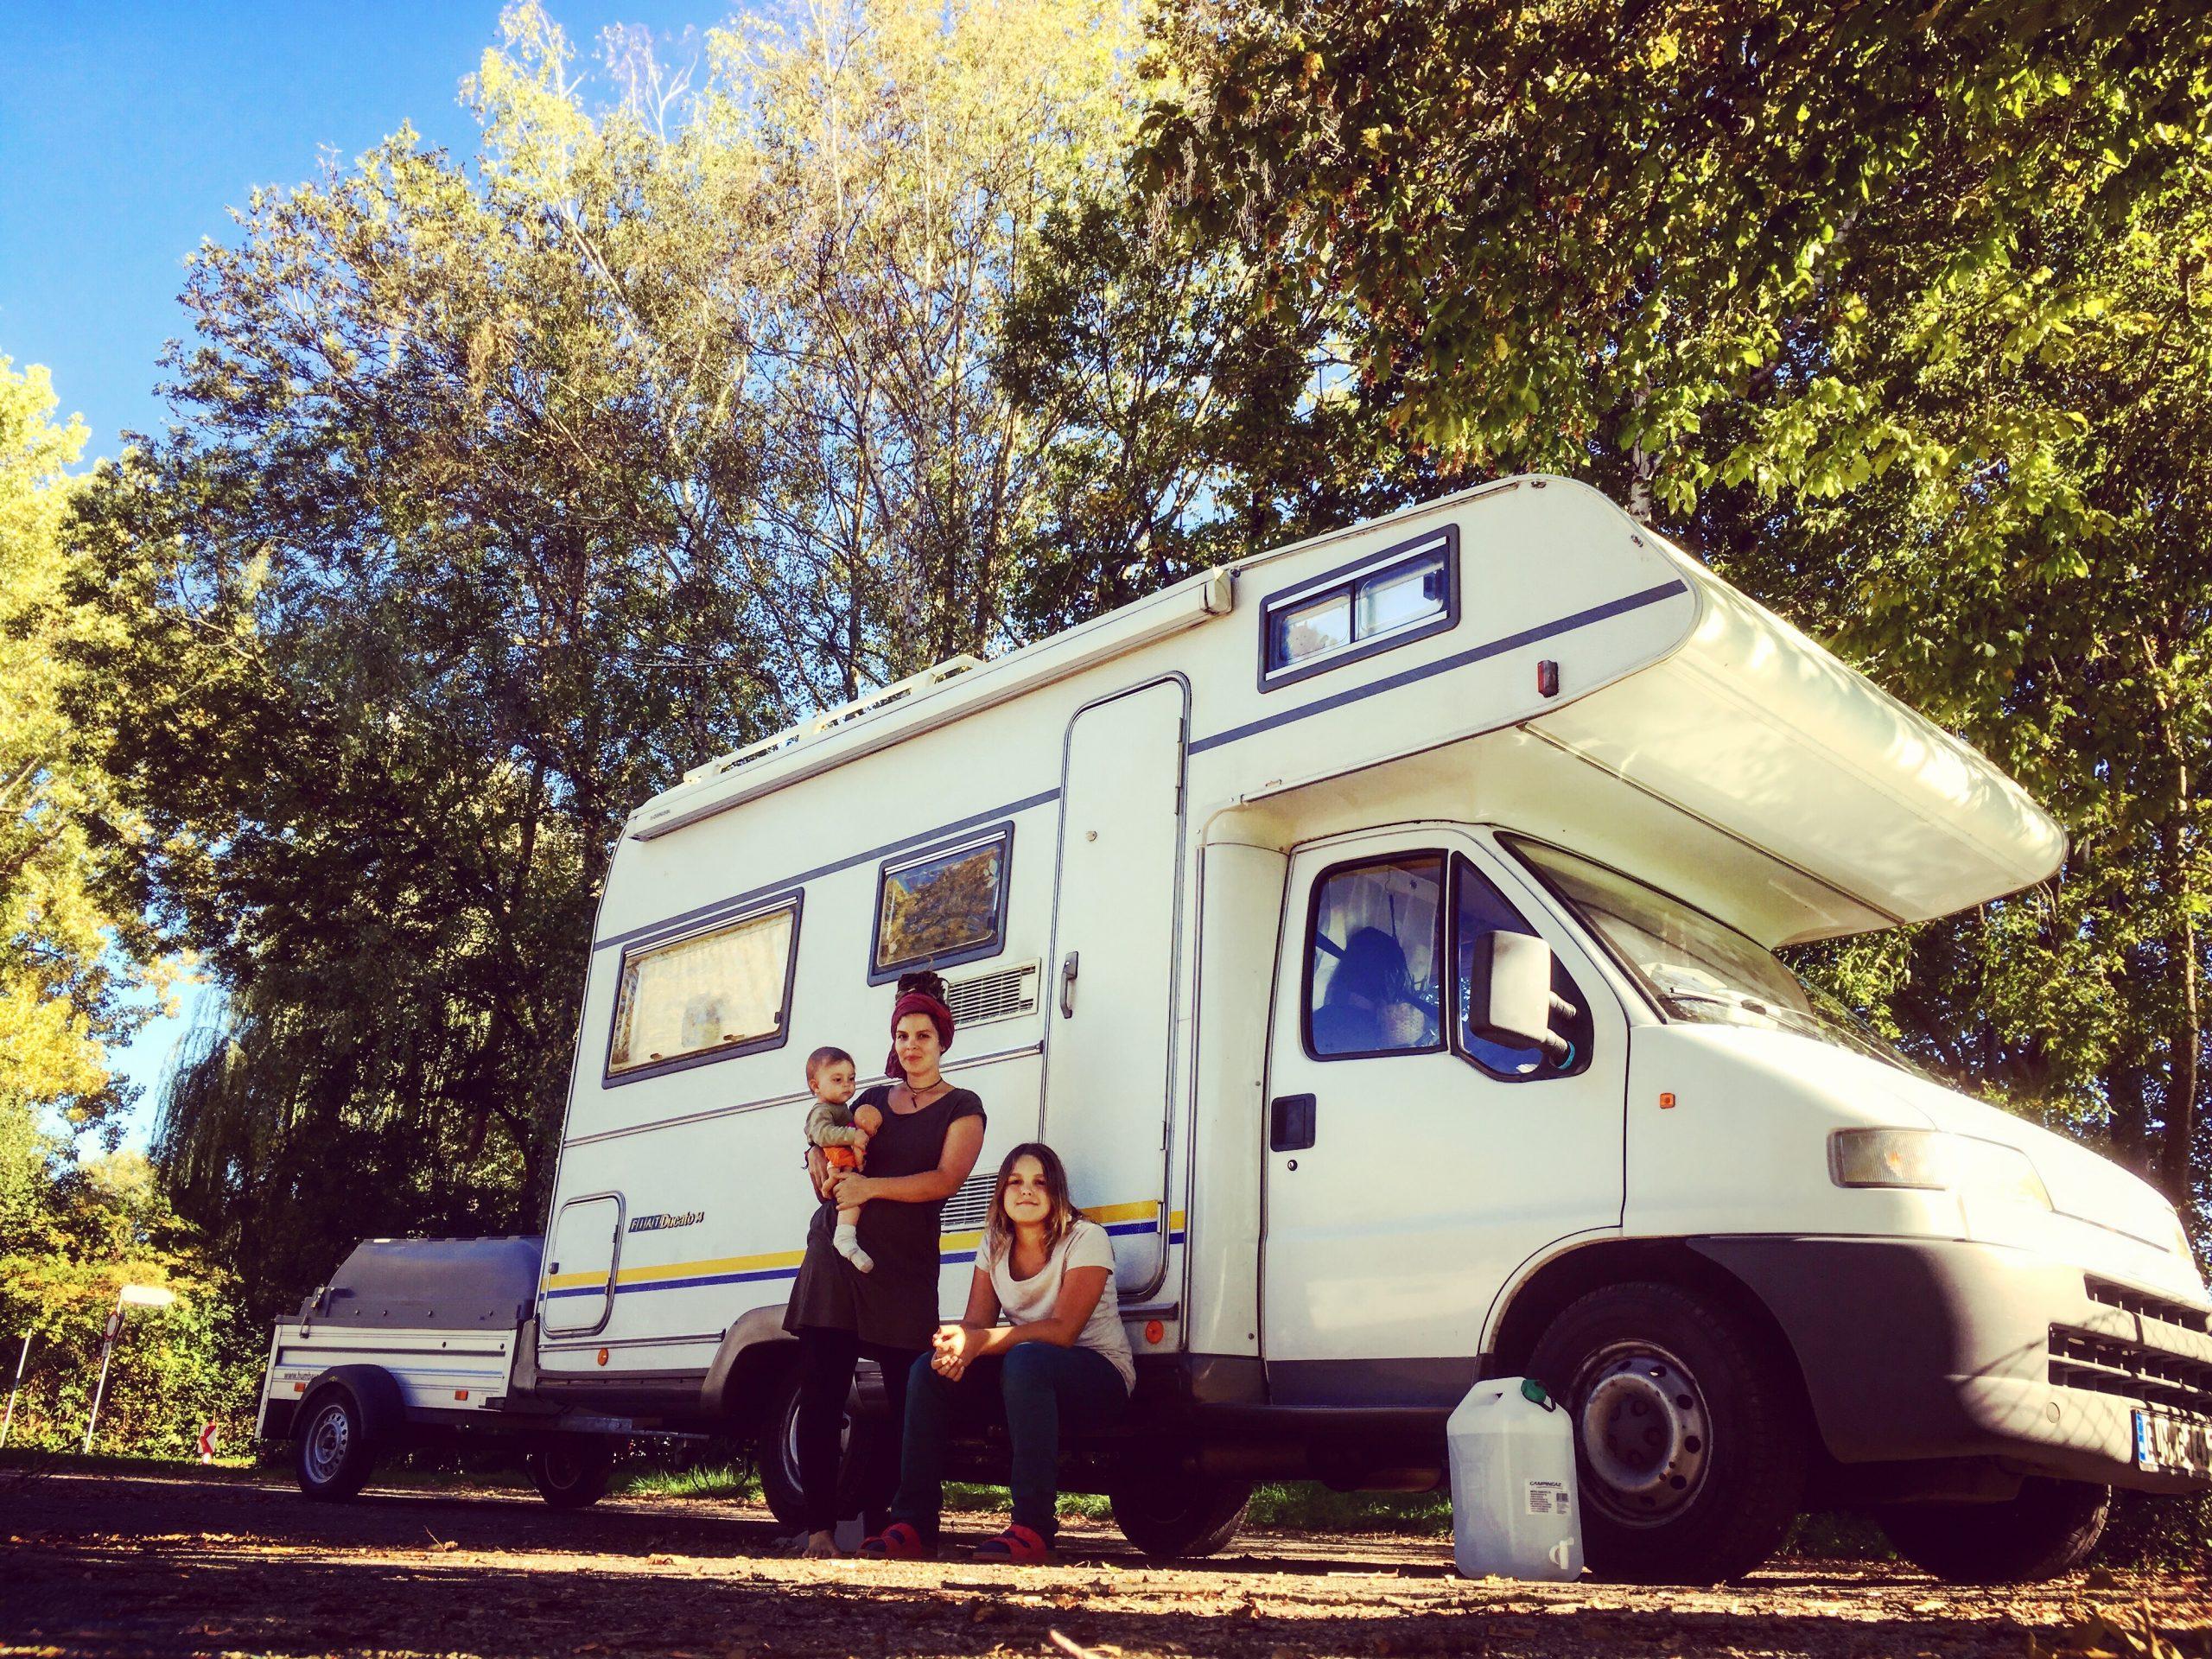 Leben im Wohnwagen, leben in der Natur, leben im Wohnmobil, greenlygreeen